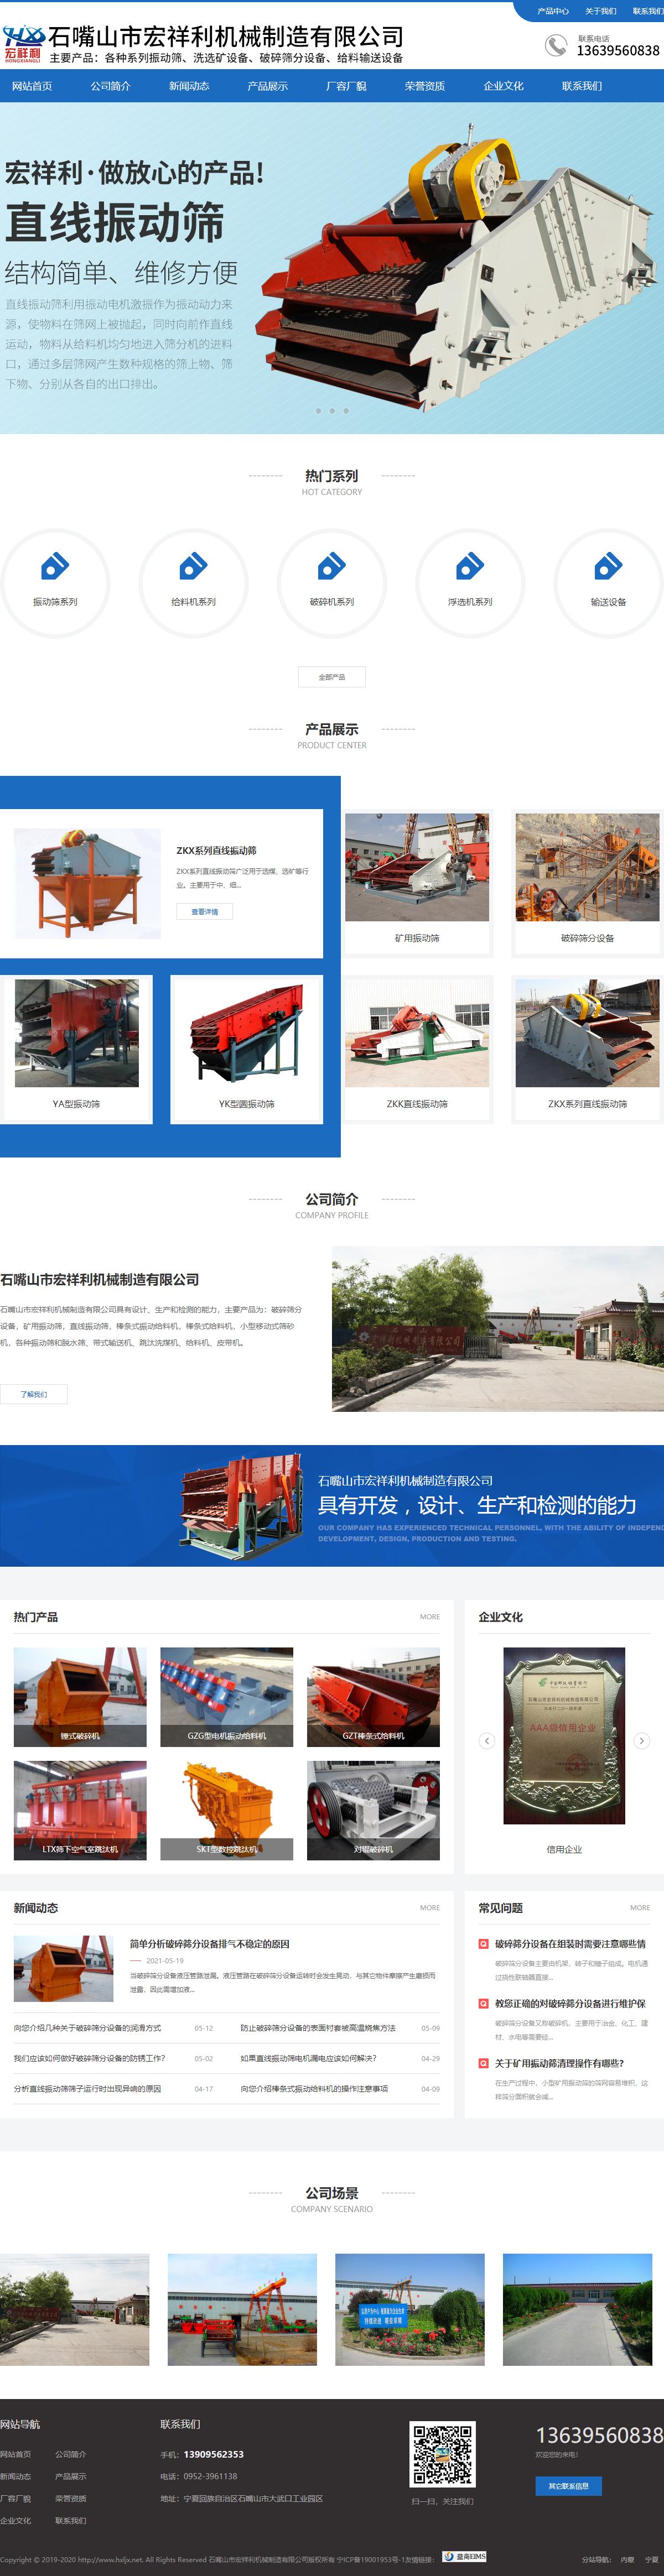 石嘴山市宏祥利机械制造有限公司网站案例